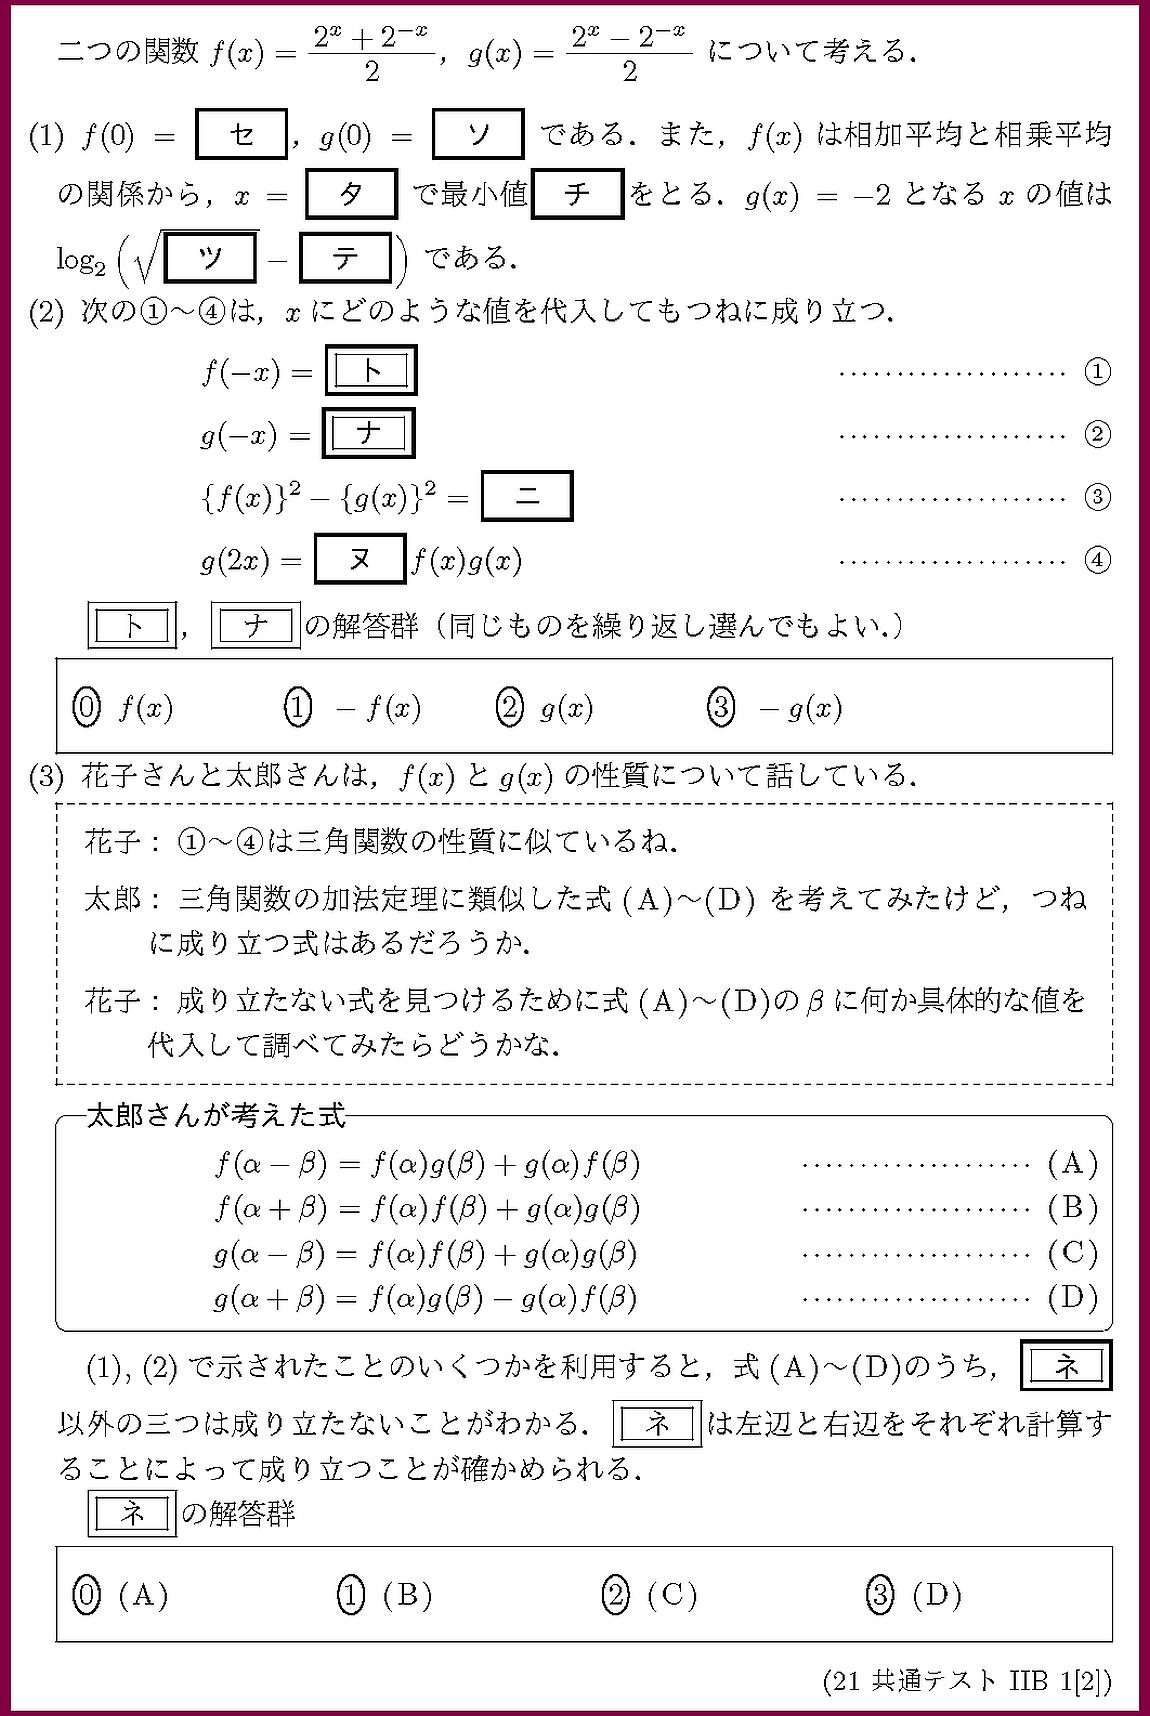 21共通テストIIB1-2